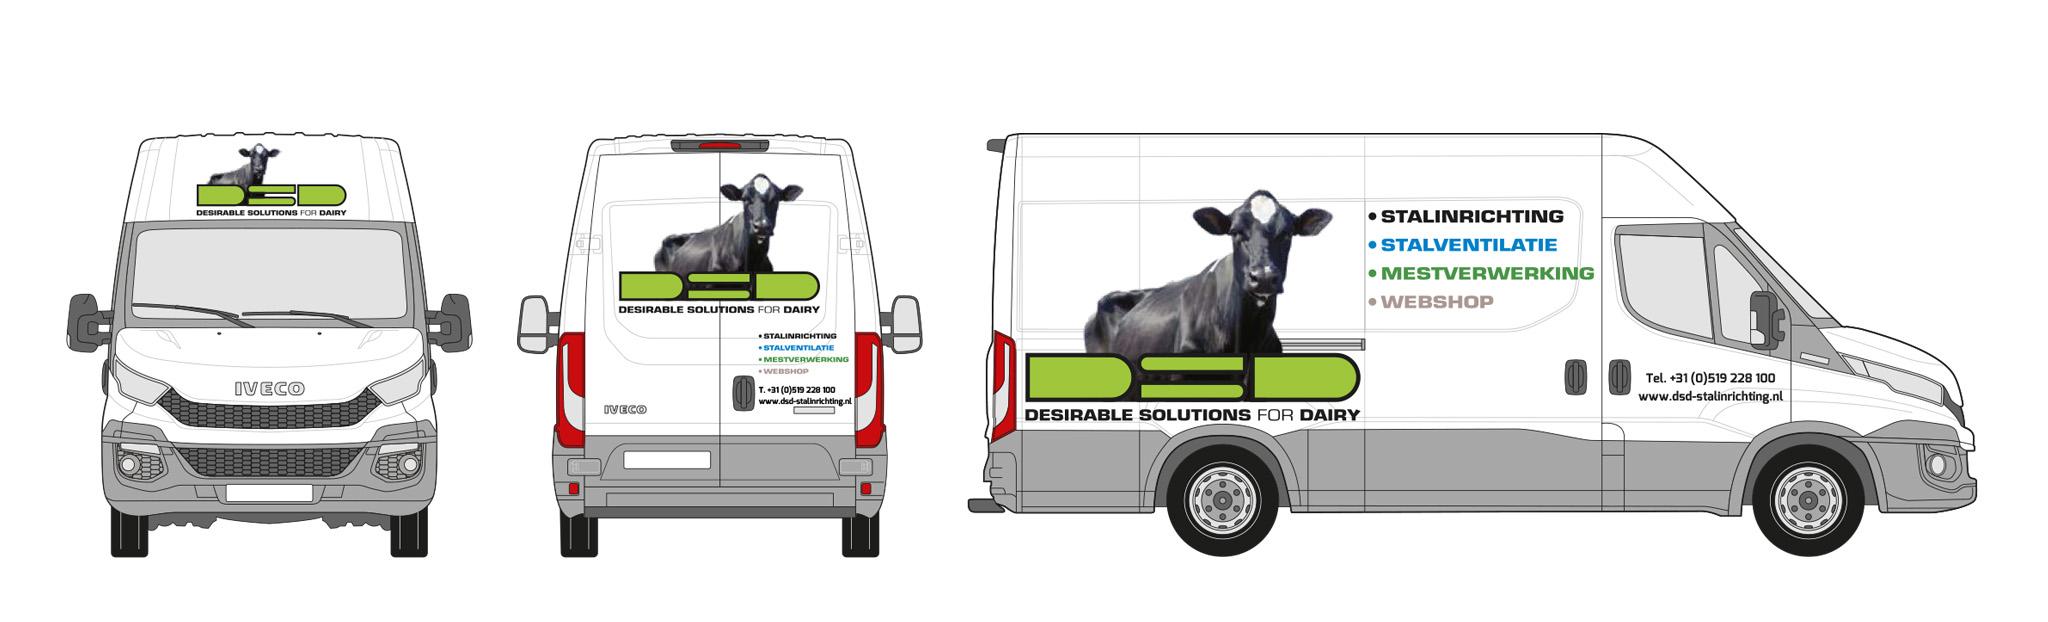 dsd-bus-header